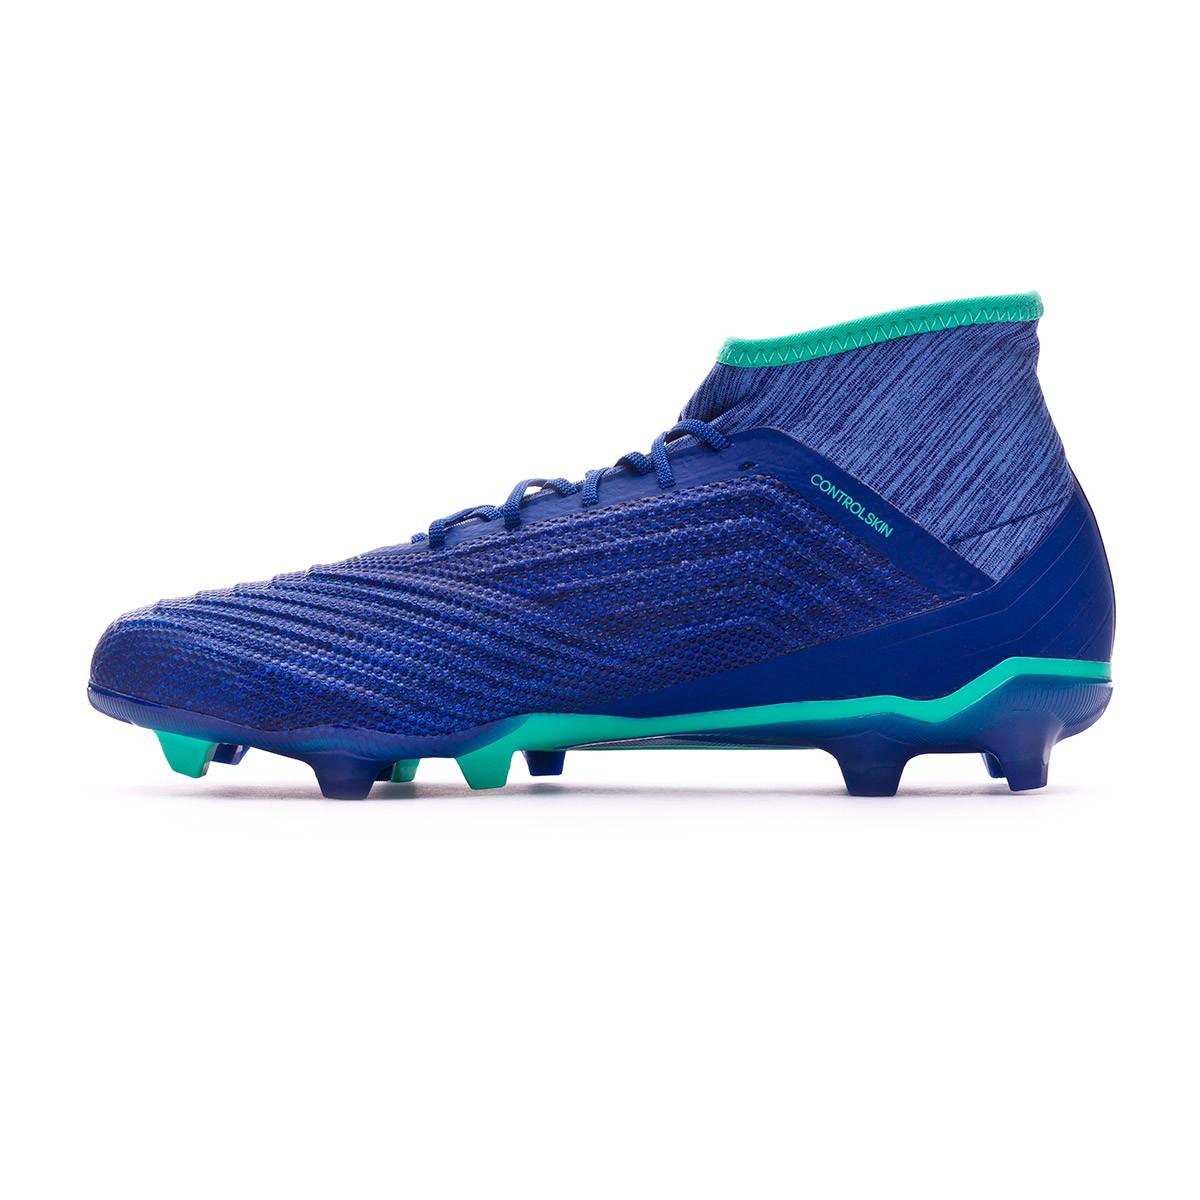 016543b4964b Zapatos de fútbol adidas Predator 18.2 FG Unity ink-Aero green-Hi-res green  - Tienda de fútbol Fútbol Emotion